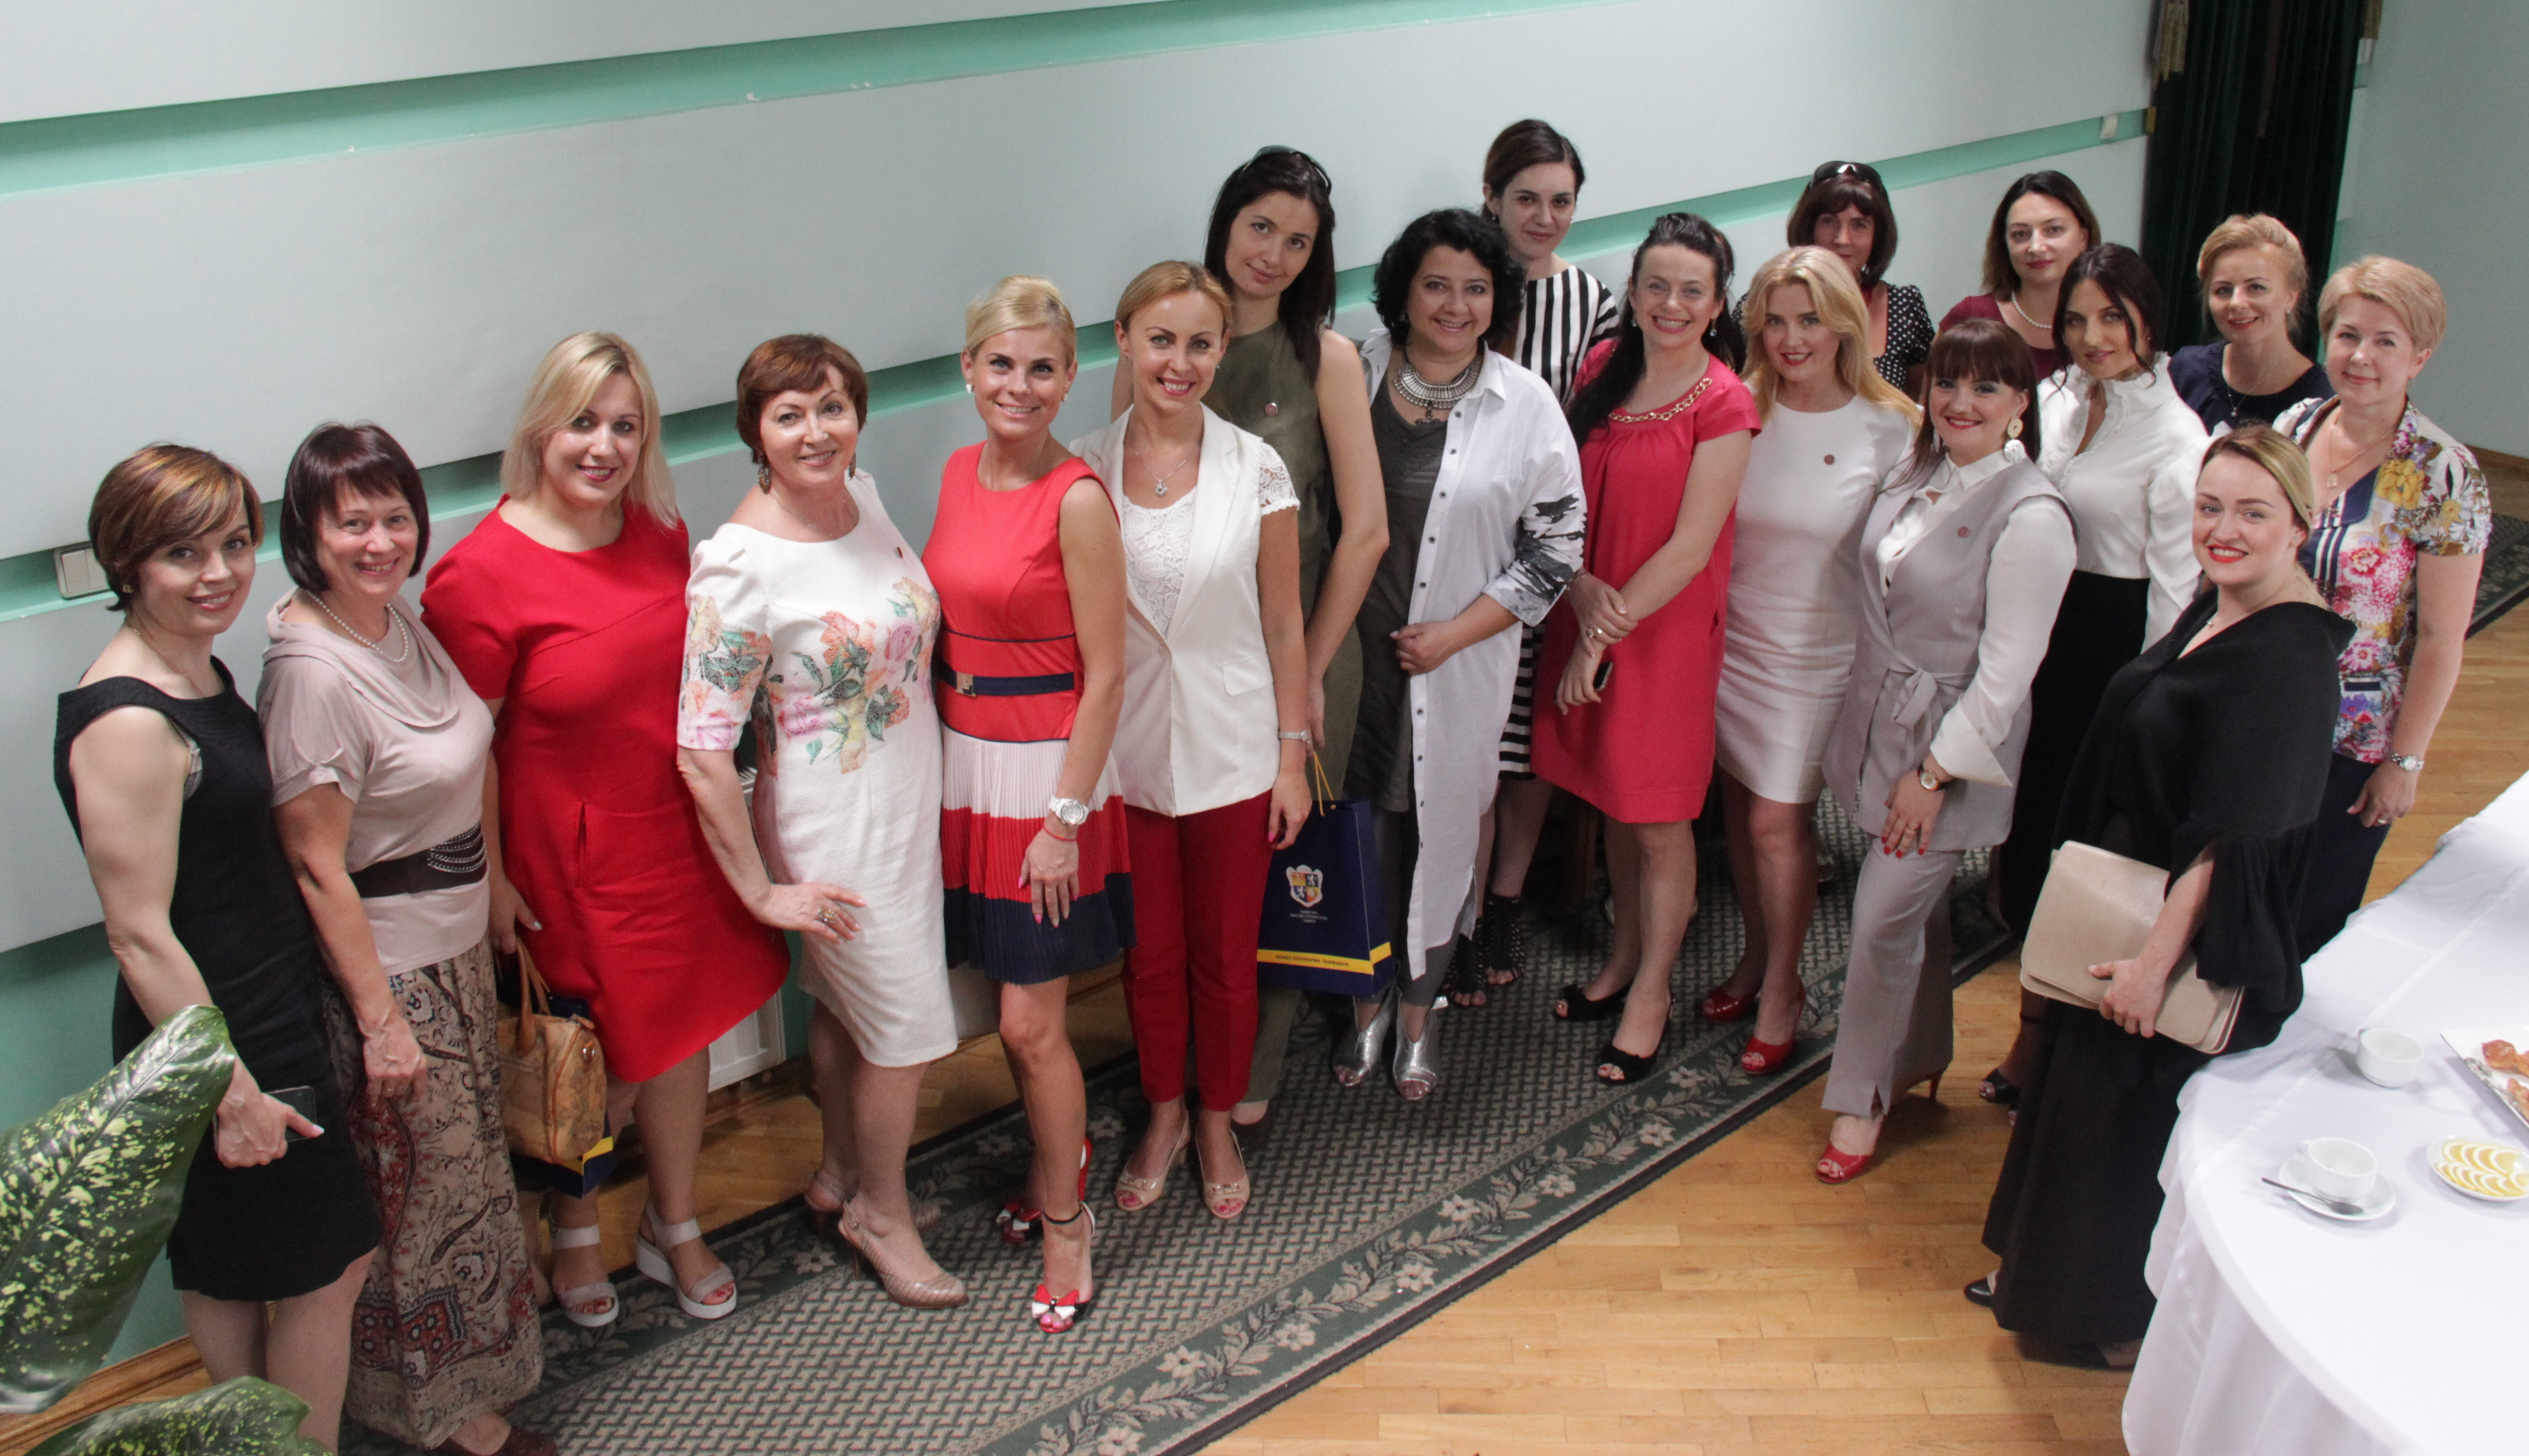 ... ТПП ініціаторками ділових жіночих кіл Львівщини було створено Комітет з  питань розвитку жіночого підприємництва. Відразу ж відбулося перше 8d0433d6b6663